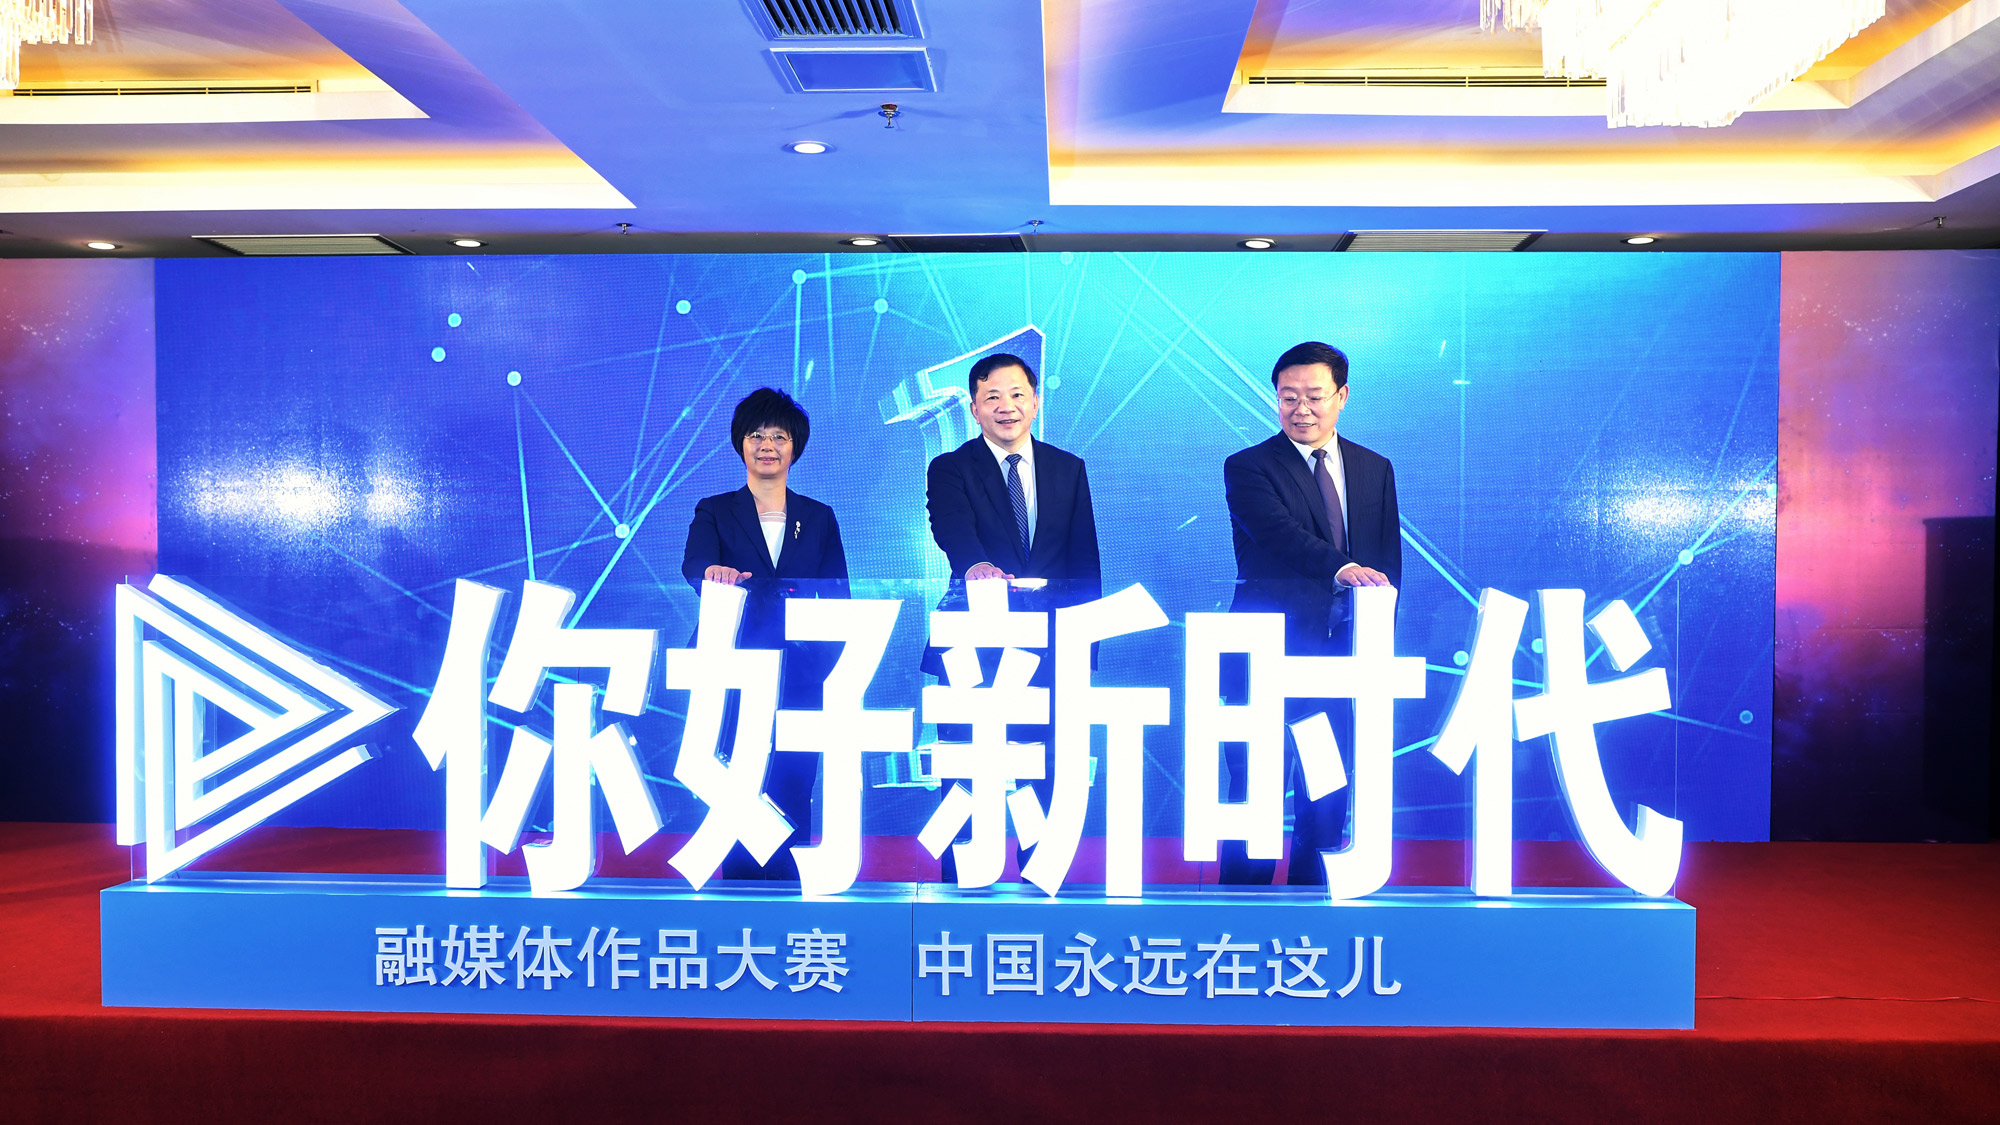 """讴歌远大时代 记录奋进中国——第二届""""你益新时代""""融媒体作品大赛在。上海正式启动"""